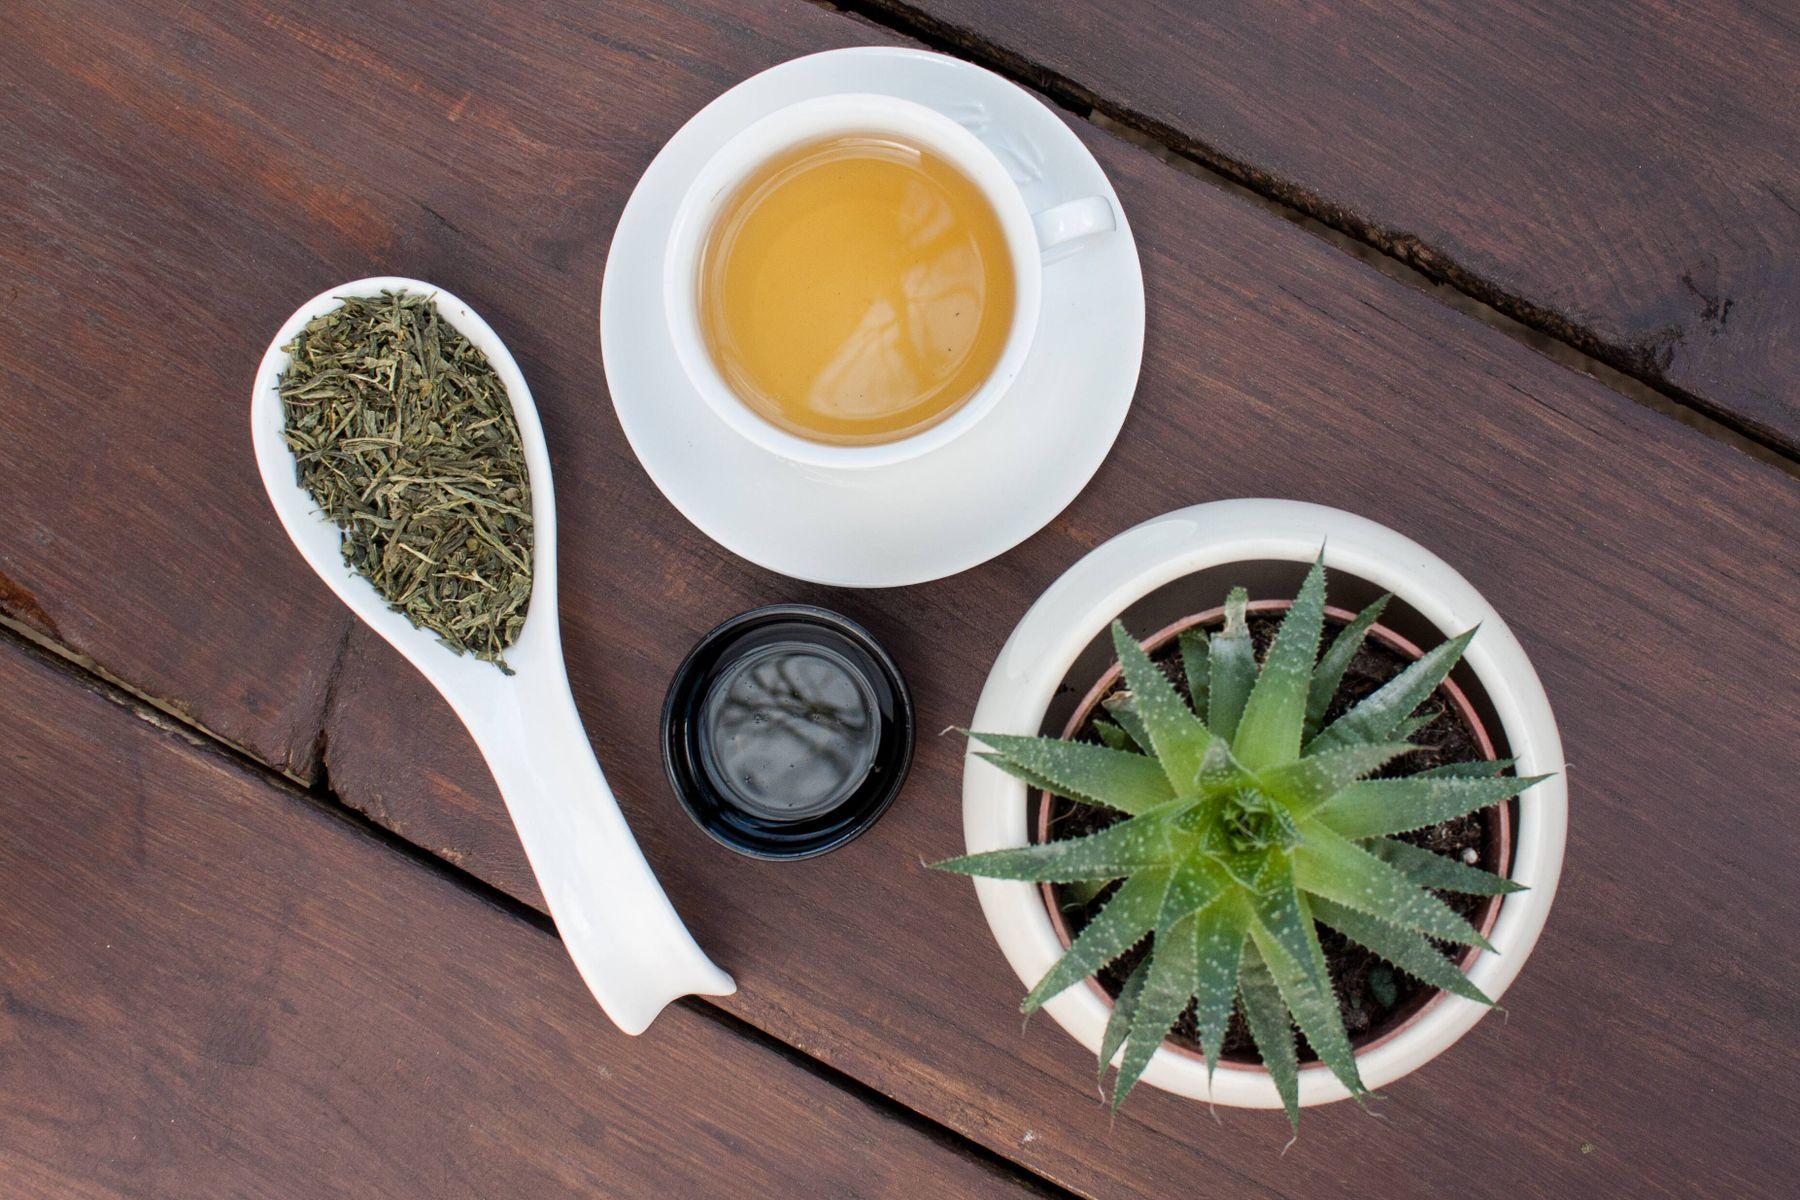 Aloe veranın faydaları arasında saç dökülmelerini önlemek, bağışıklık sistemini güçlendirme, kas ve eklem ağrılarını hafifletmek yer alıyor.